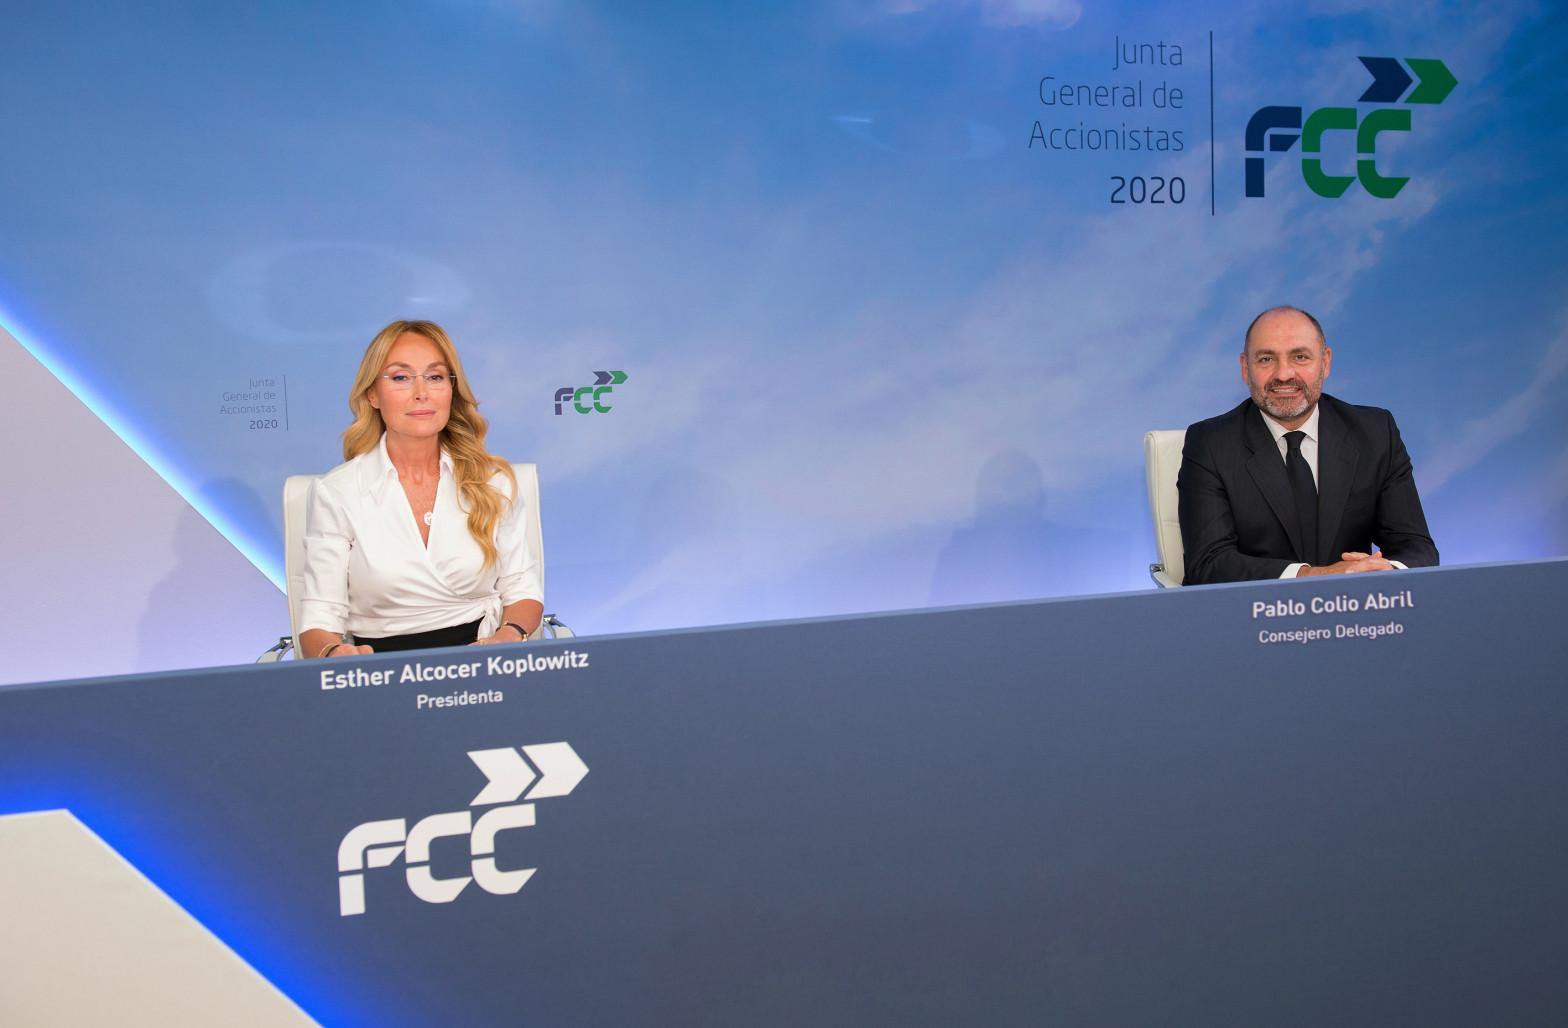 FCC cierra con Macquarie un proyecto conjunto de 220 millones de euros en Dublín